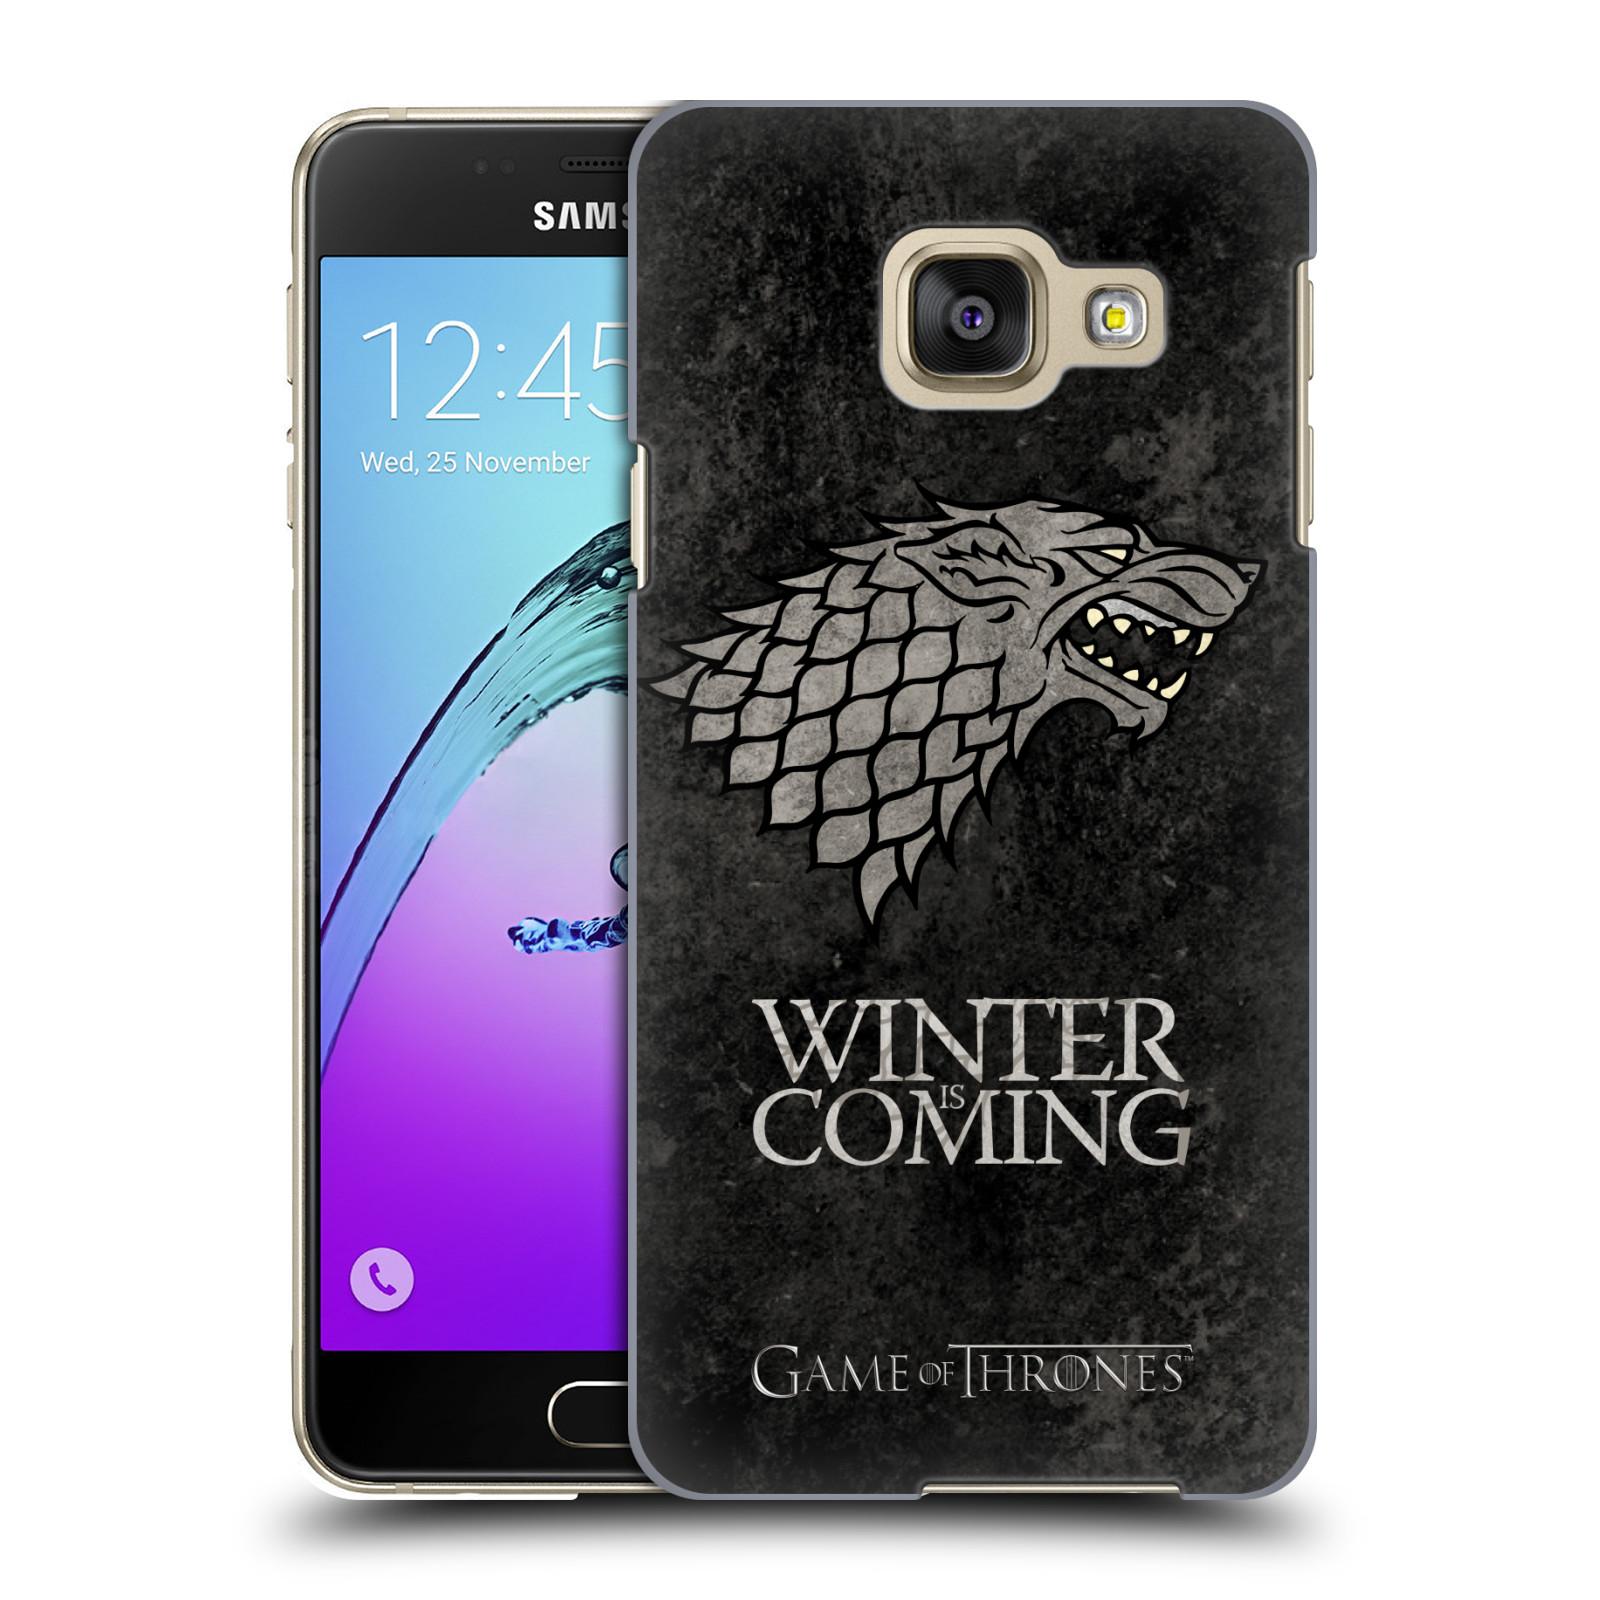 Plastové pouzdro na mobil Samsung Galaxy A3 (2016) HEAD CASE Hra o trůny - Stark - Winter is coming